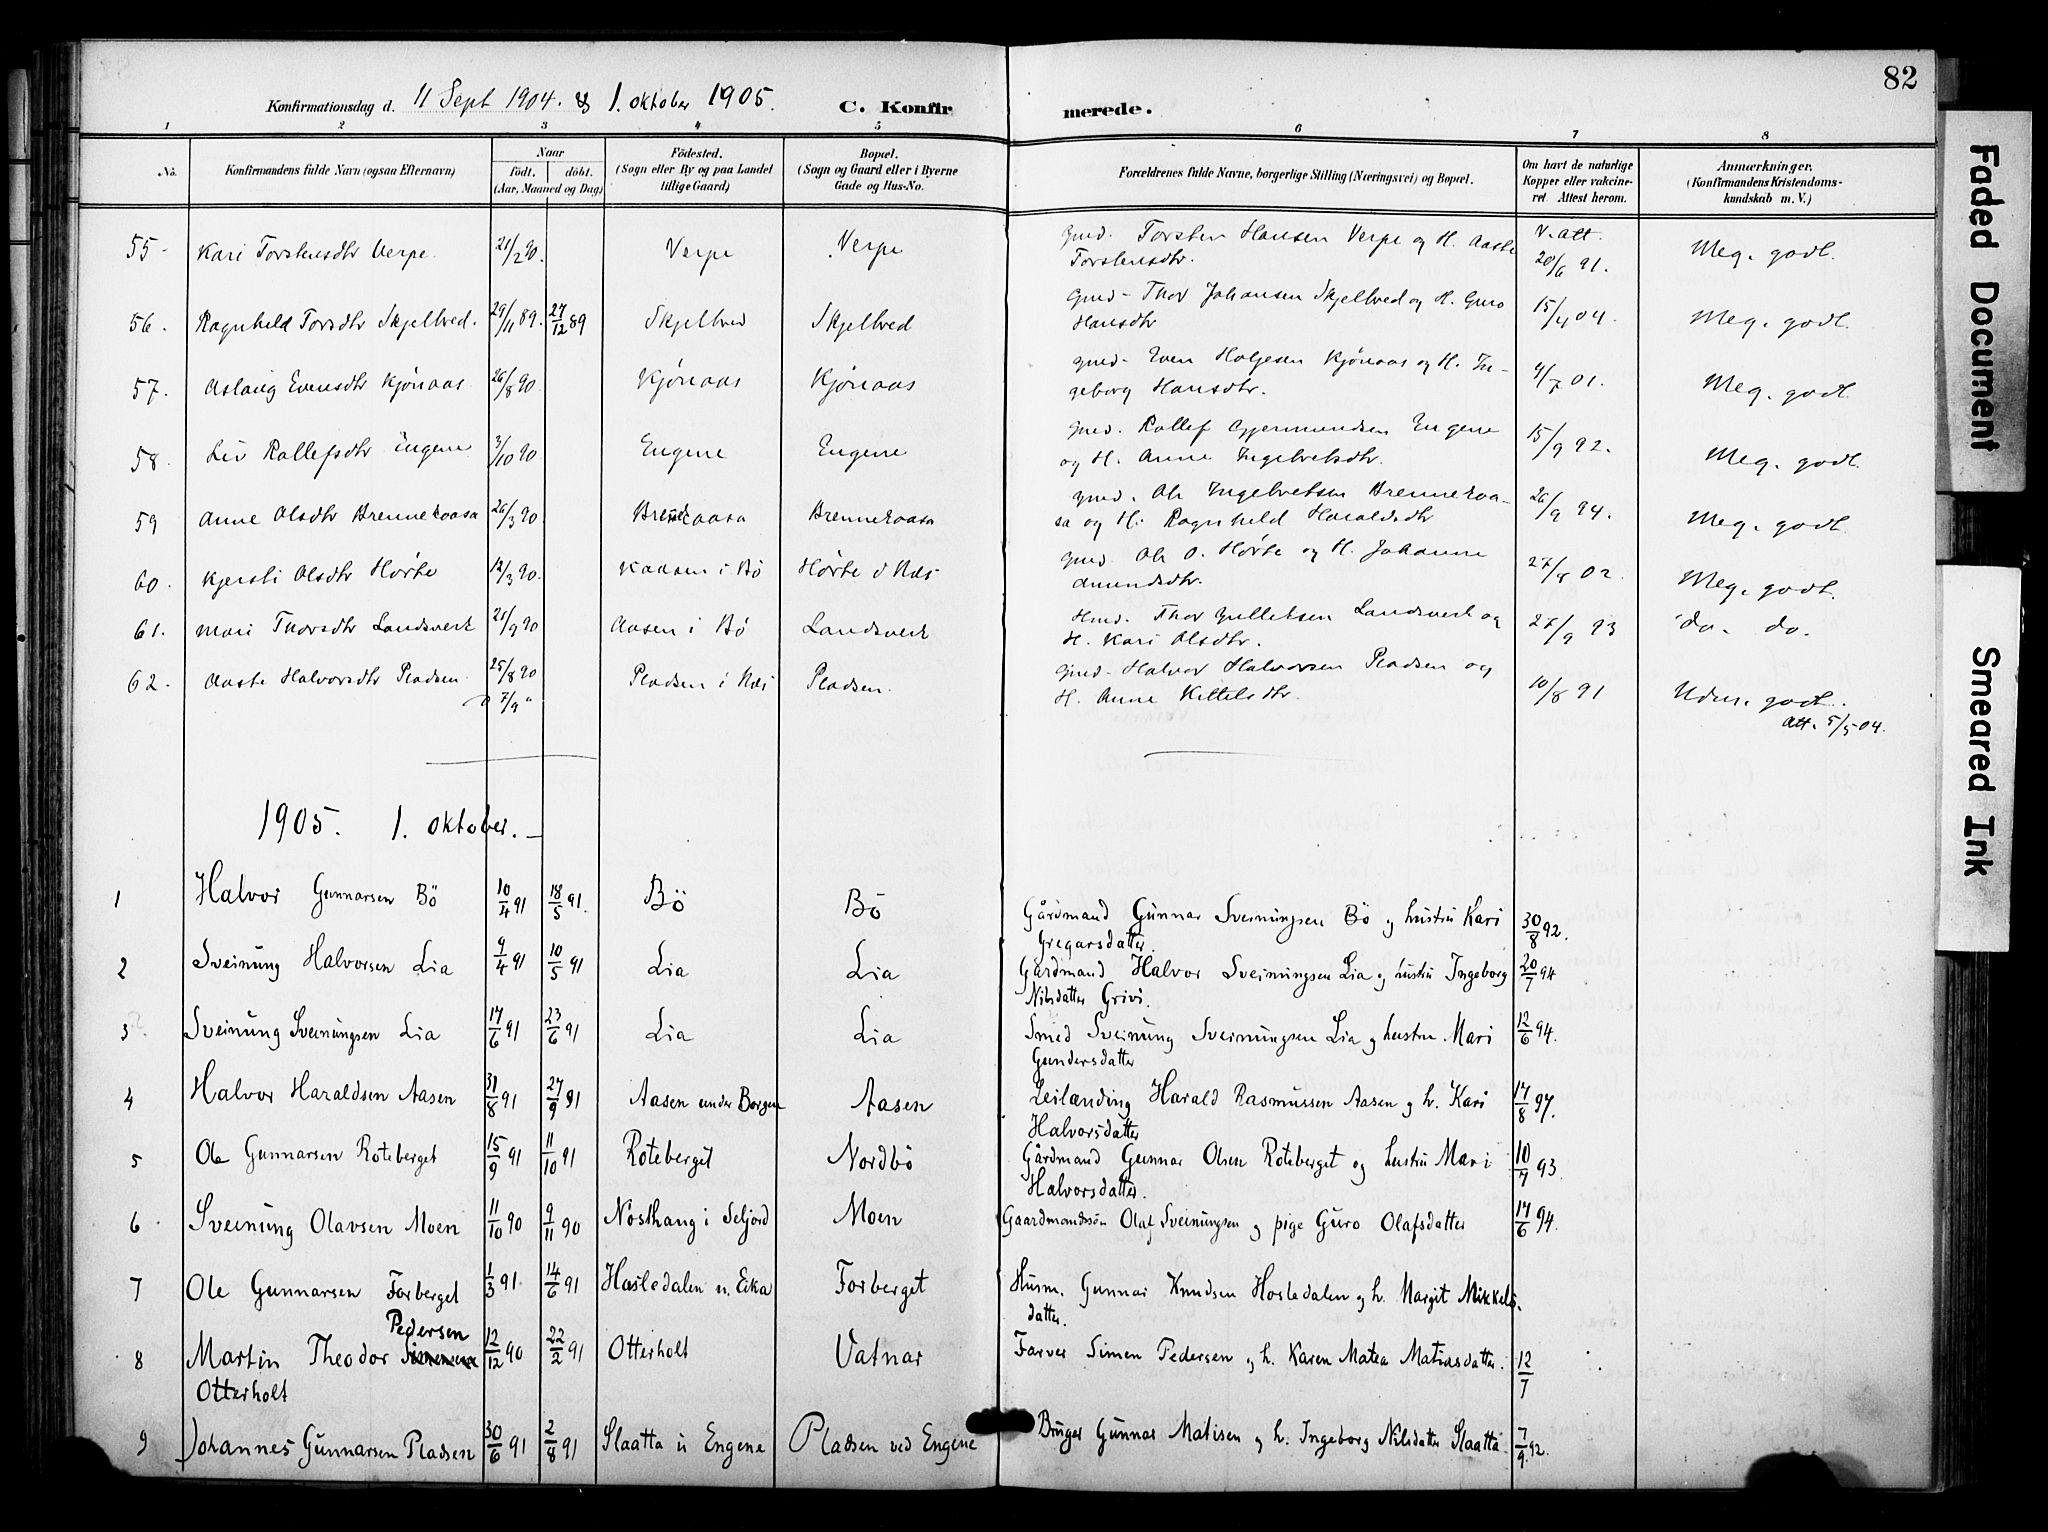 SAKO, Bø kirkebøker, F/Fa/L0012: Ministerialbok nr. 12, 1900-1908, s. 82